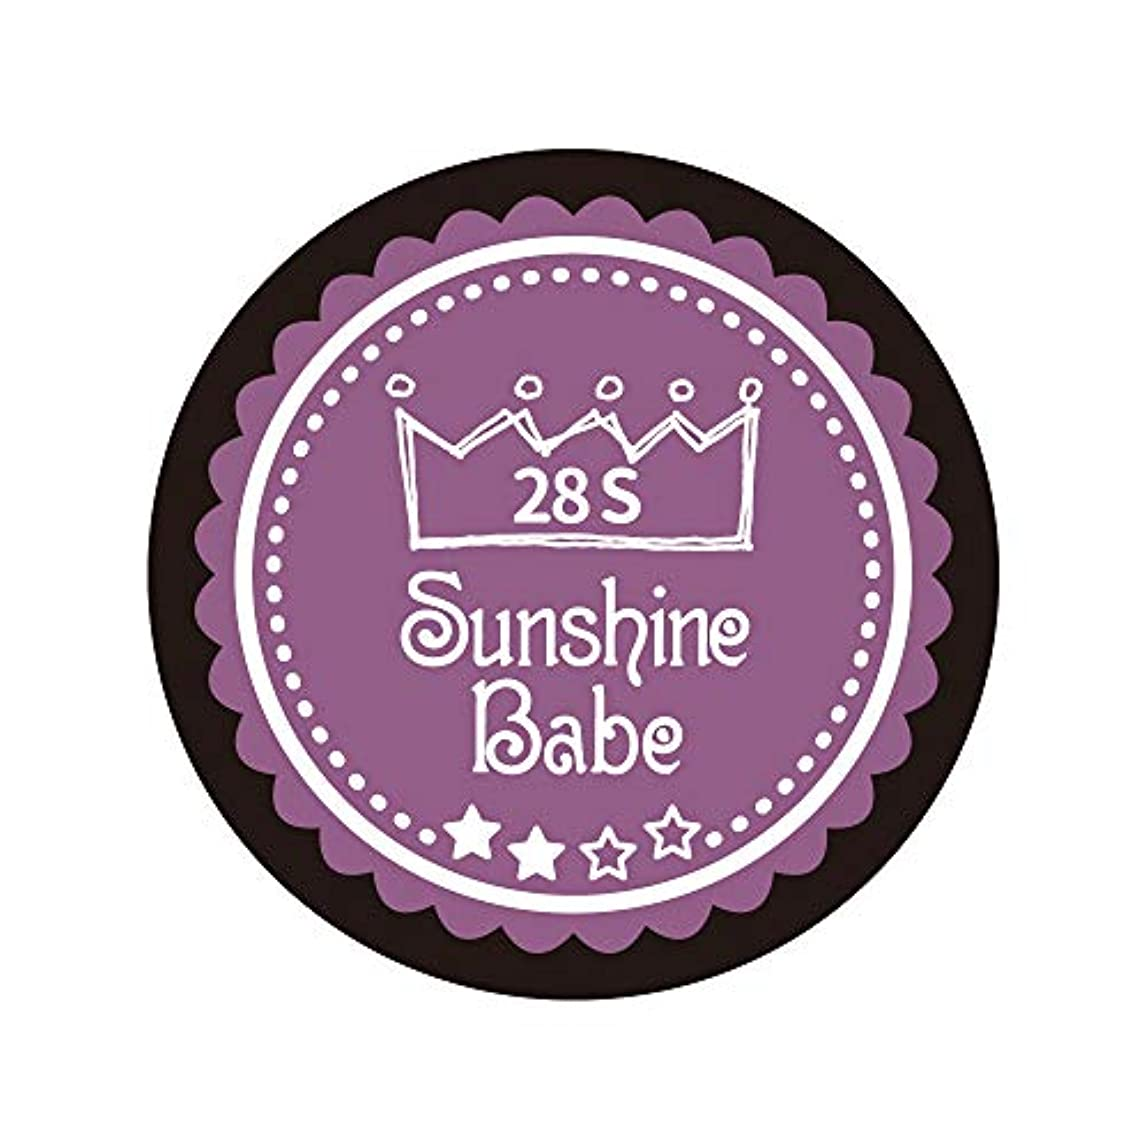 肉のデコードする深さSunshine Babe カラージェル 28S パンジーパープル 2.7g UV/LED対応